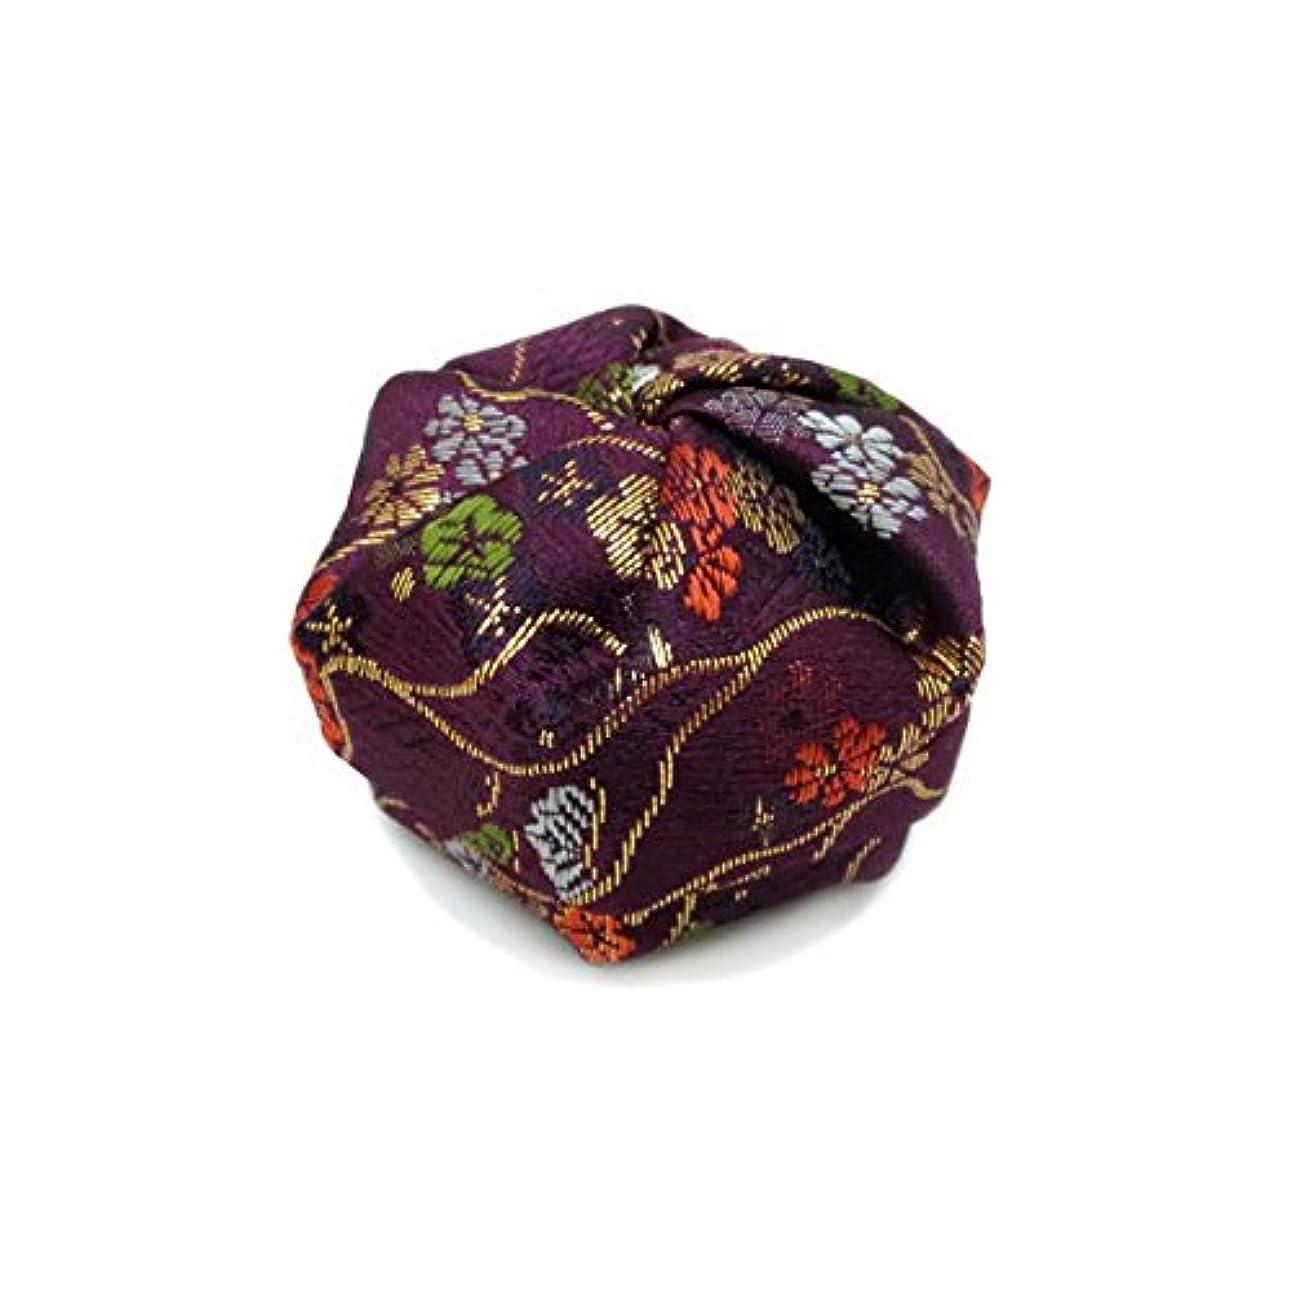 以前はまだらカニ布香盒 紫系 紙箱入